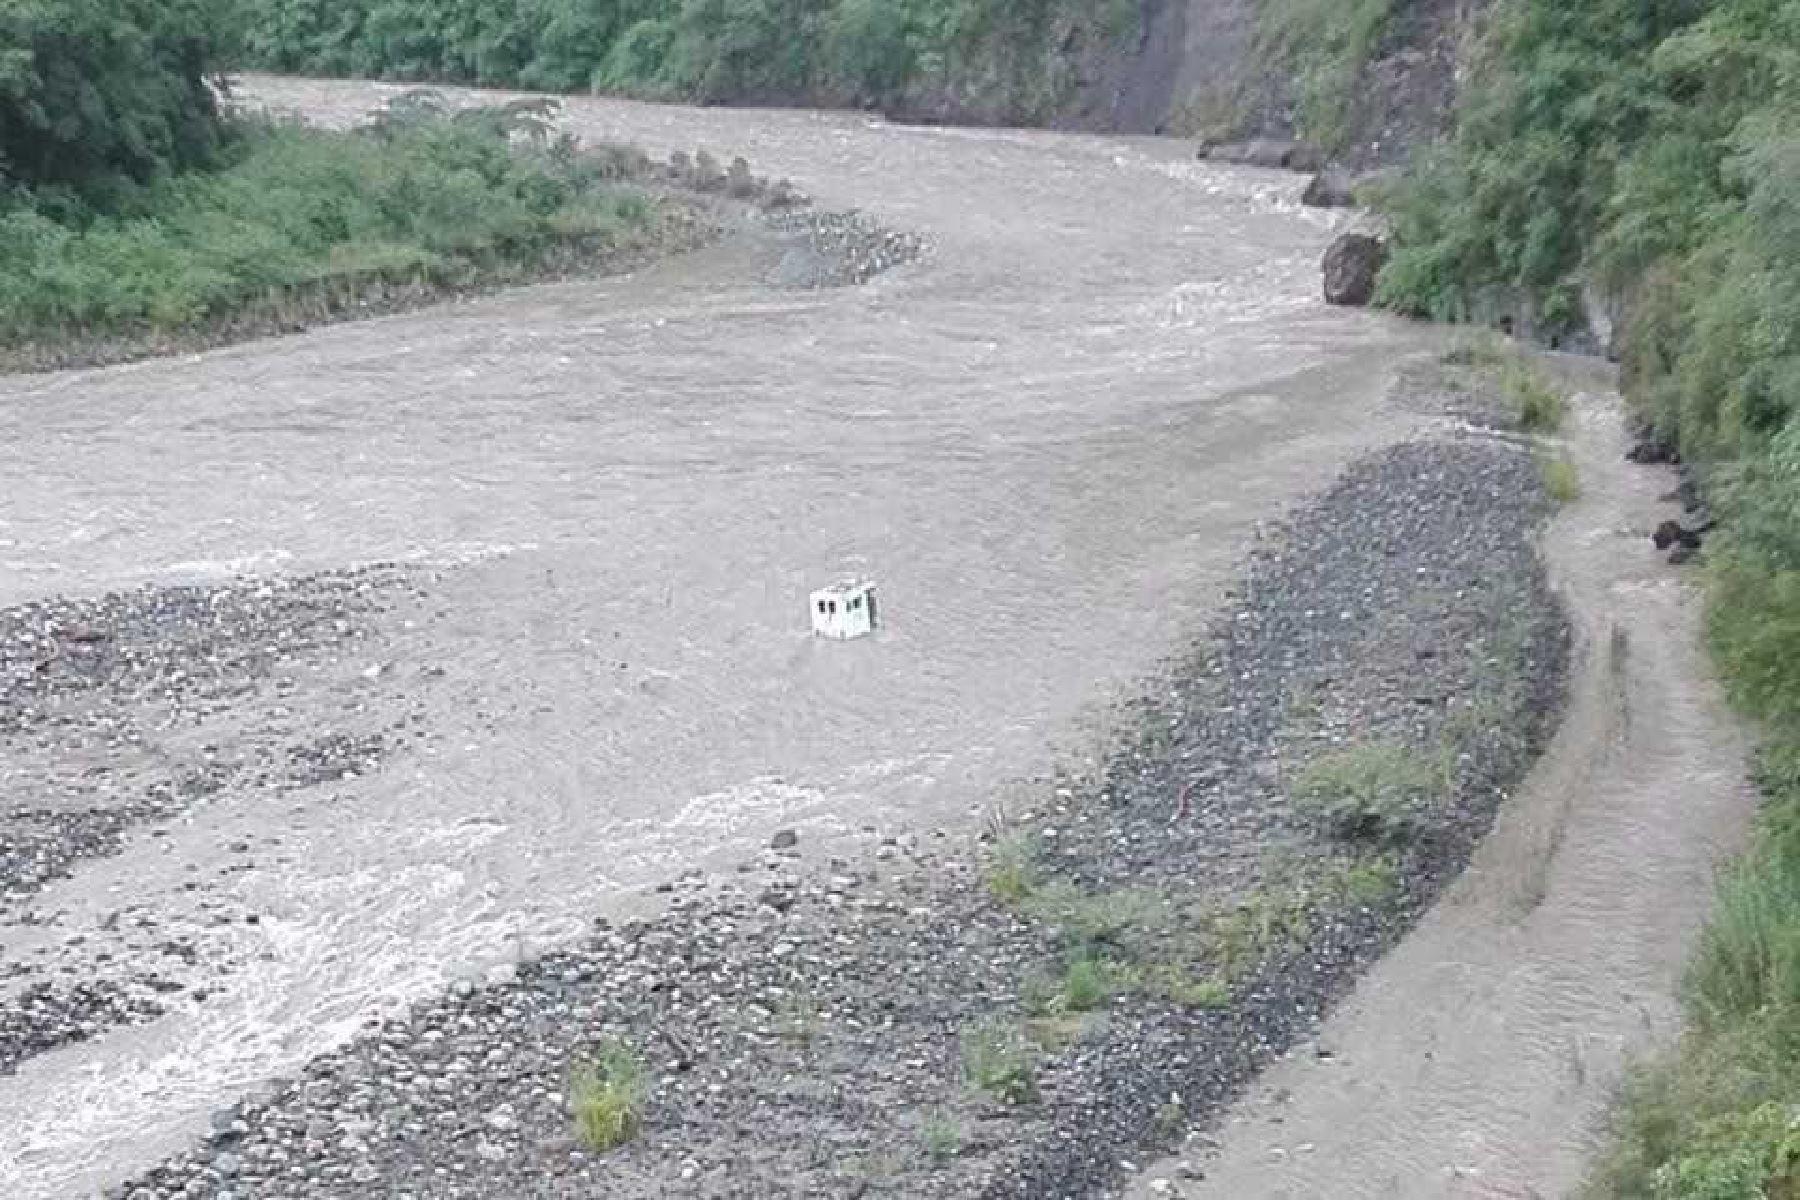 En la estación hidrológica Chilca (Cusco) el río Vilcanota alcanzó un caudal de 372.2 metros cúbicos por segundo; próximo a superar el nivel de Alerta Hidrológica Roja.ANDINA/Difusión